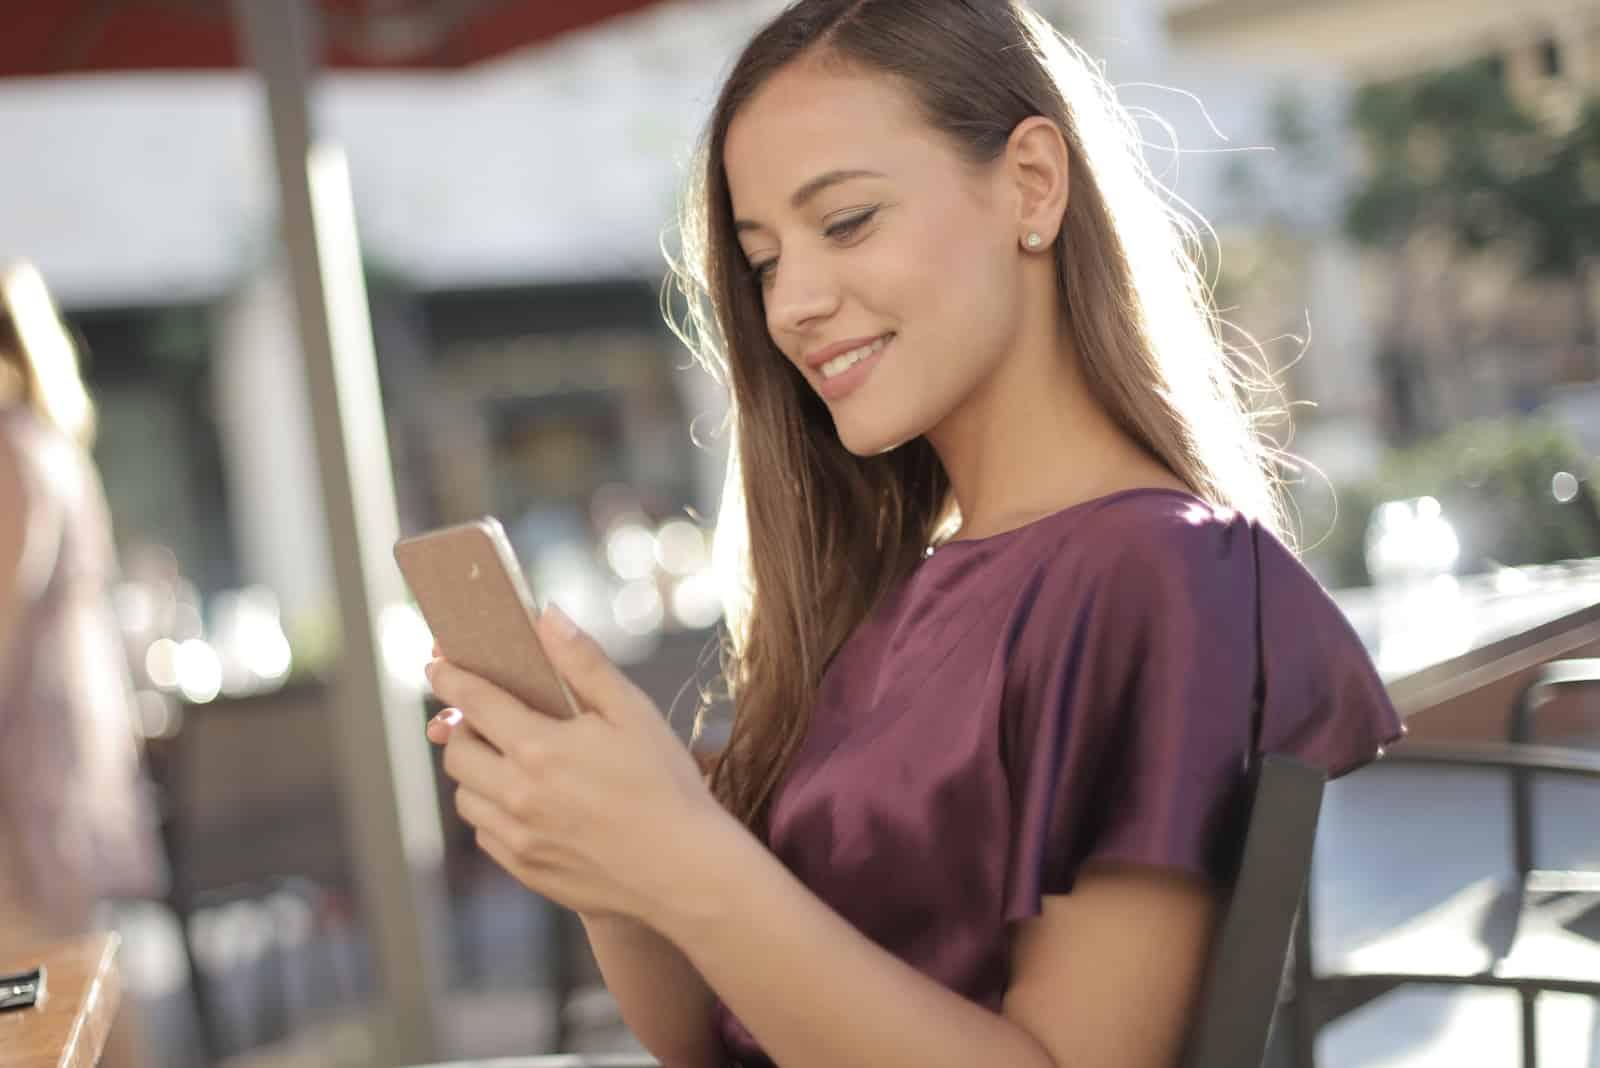 femme heureuse regardant son smartphone tout en étant assise à l'extérieur